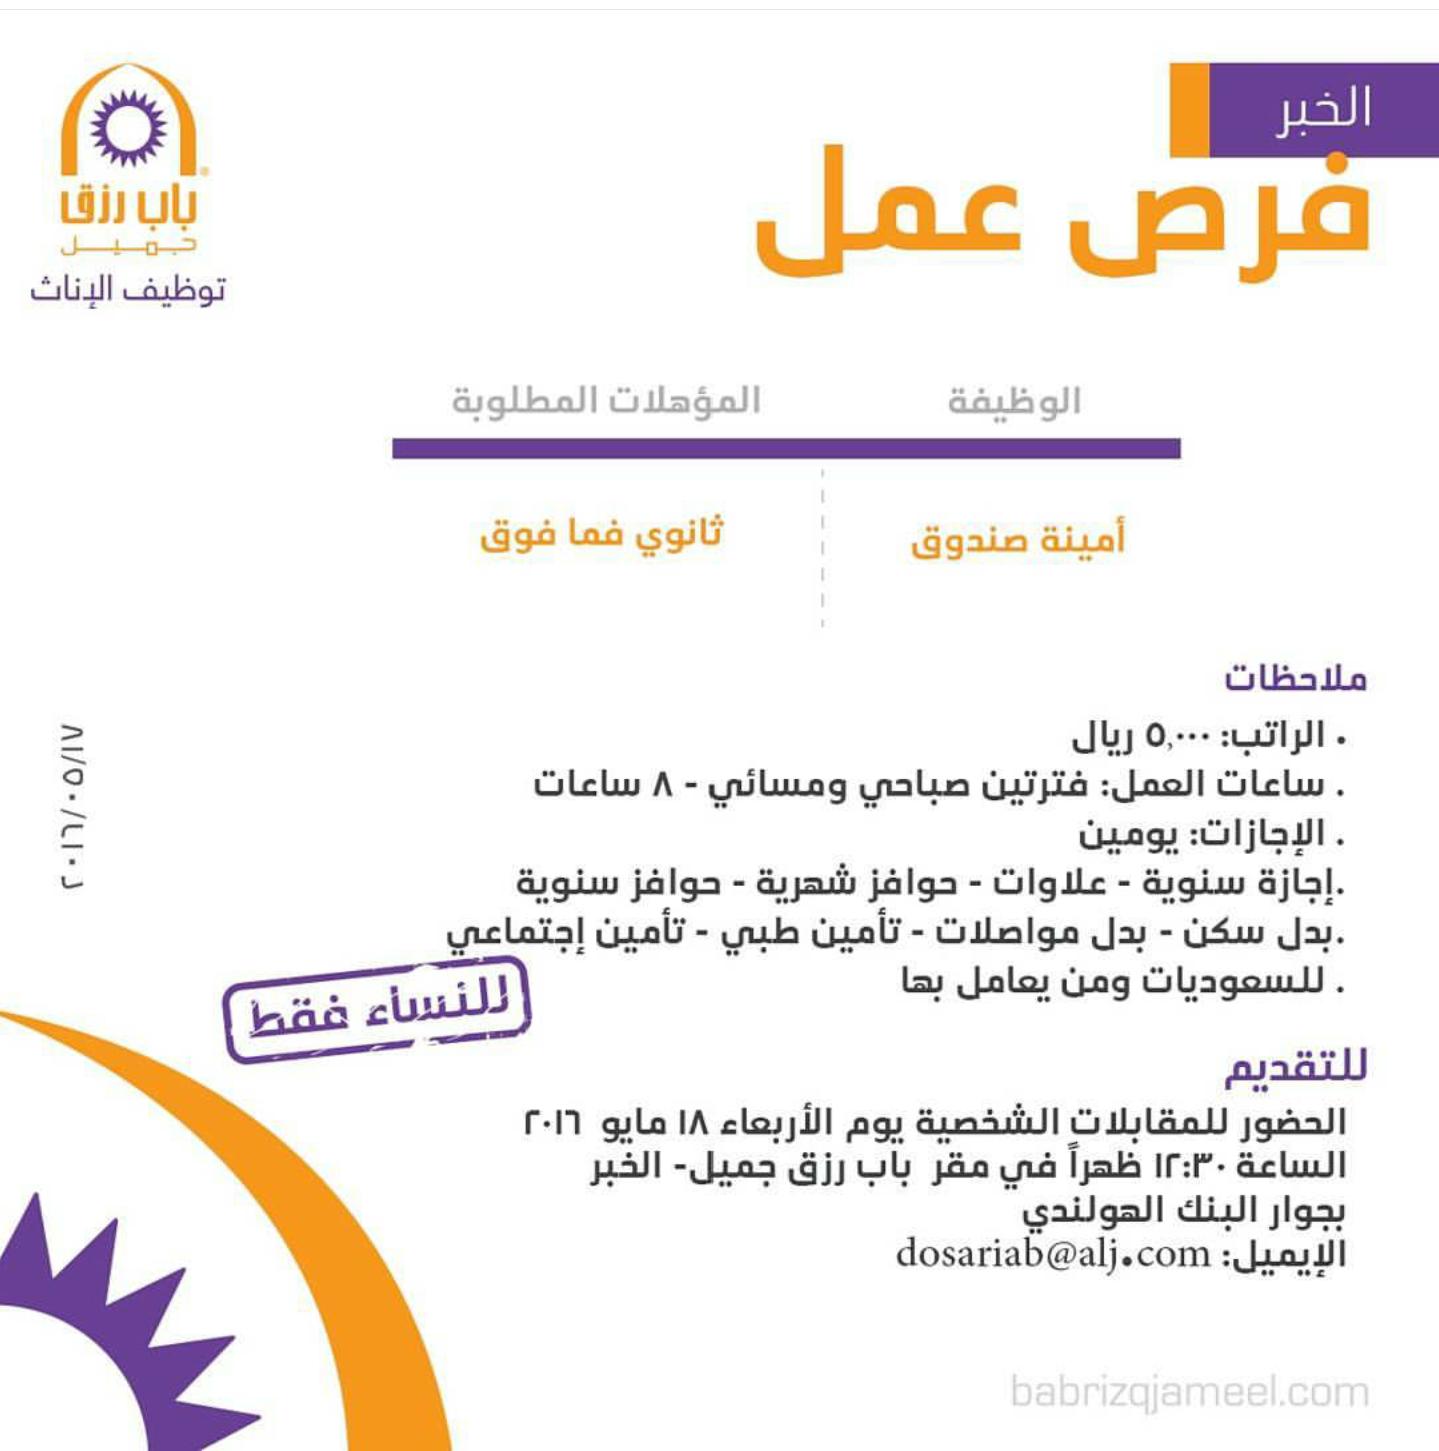 غدا الخميس التقديم على وظيفة أمينة صندوق - الخبر